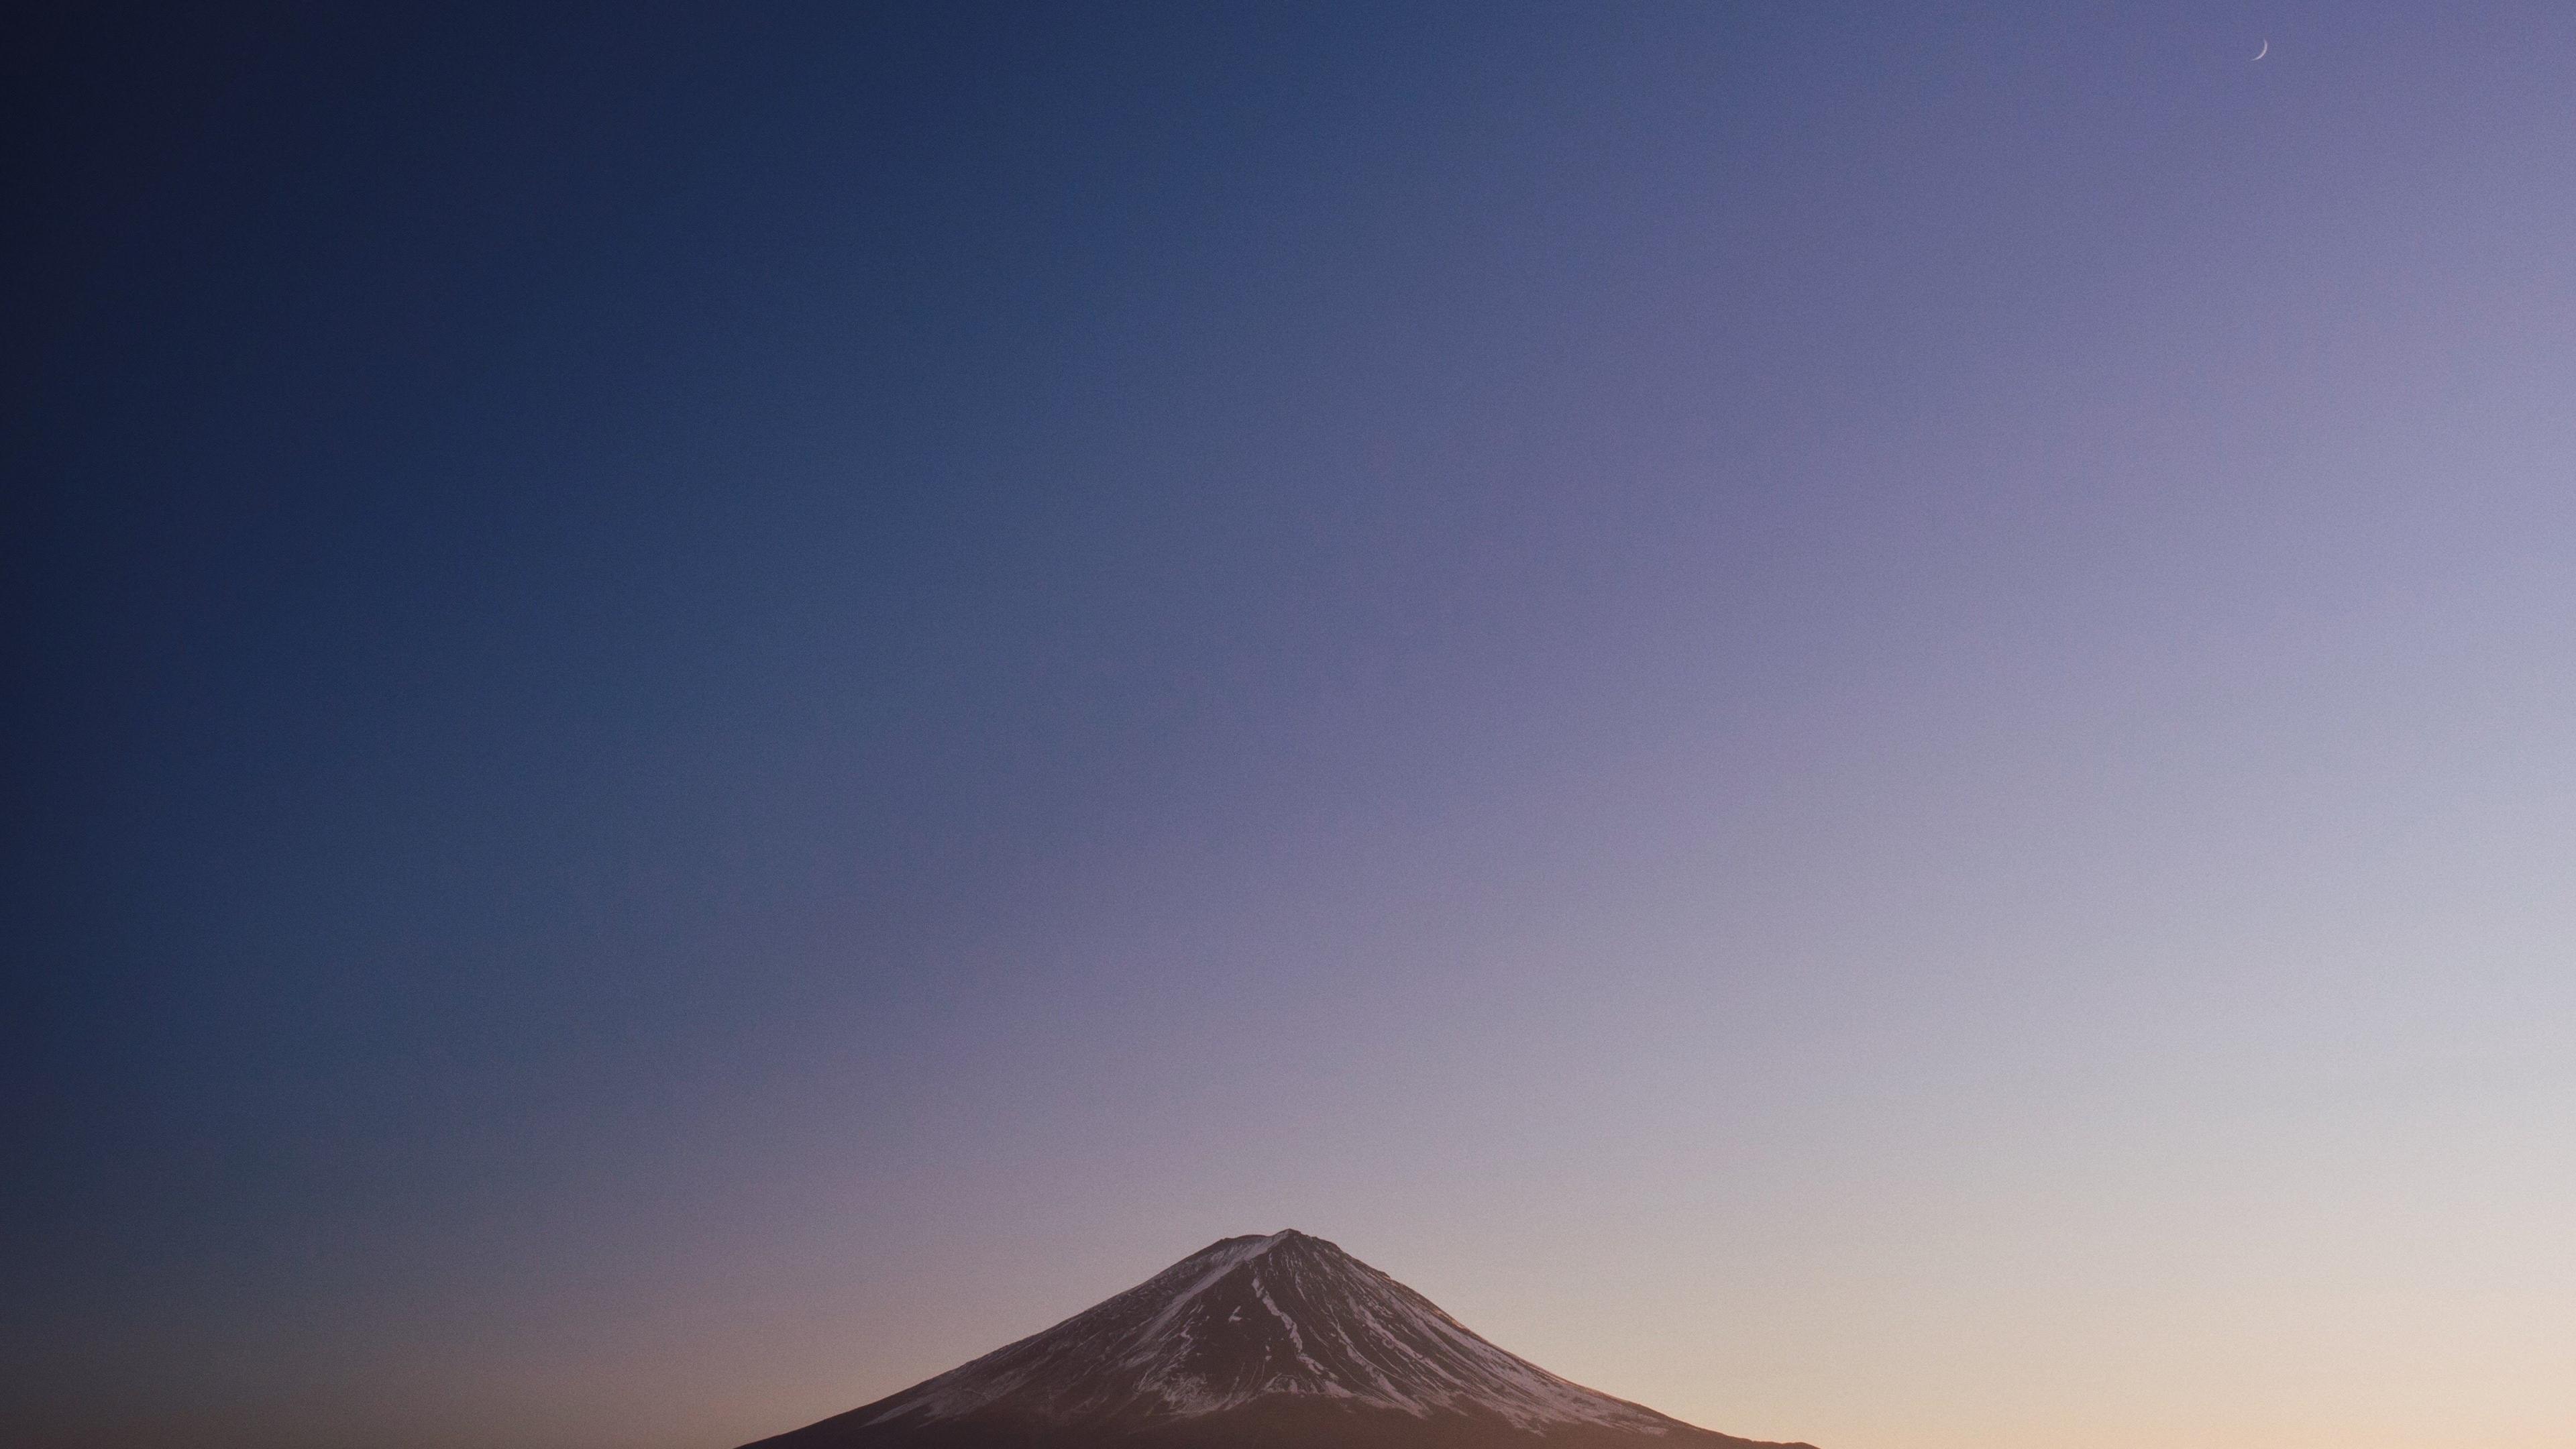 Download 3840x2160 Wallpaper Mount Fuji Nature Blue Sky